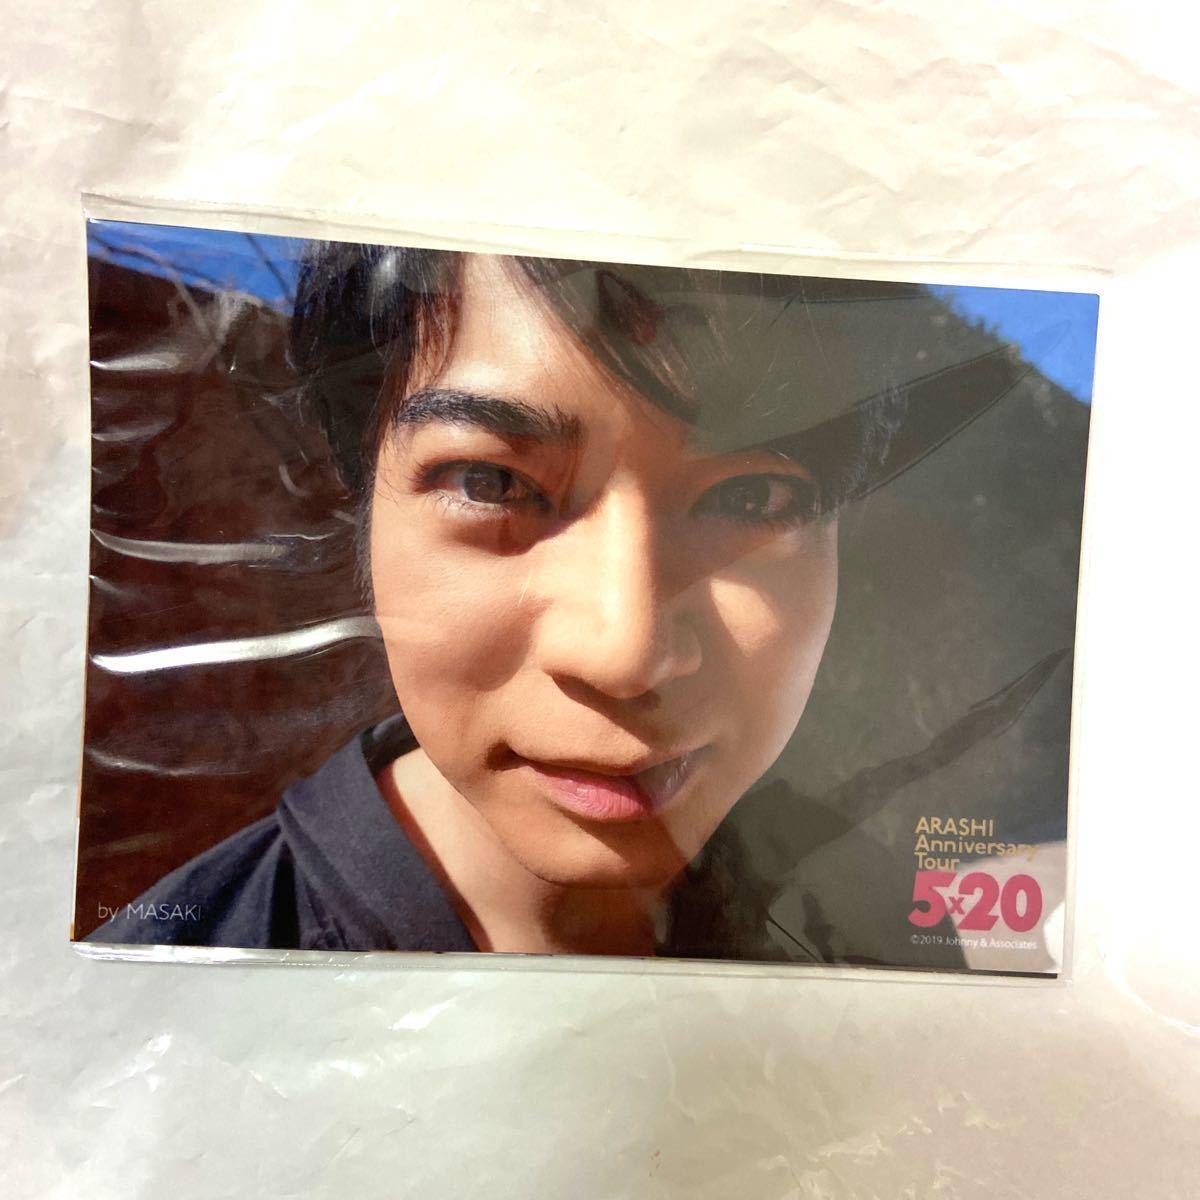 松本潤 写真 5×20 超超オリジナルフォトセット 第2弾 嵐 松潤 公式写真 ARASHI コンサートグッズ